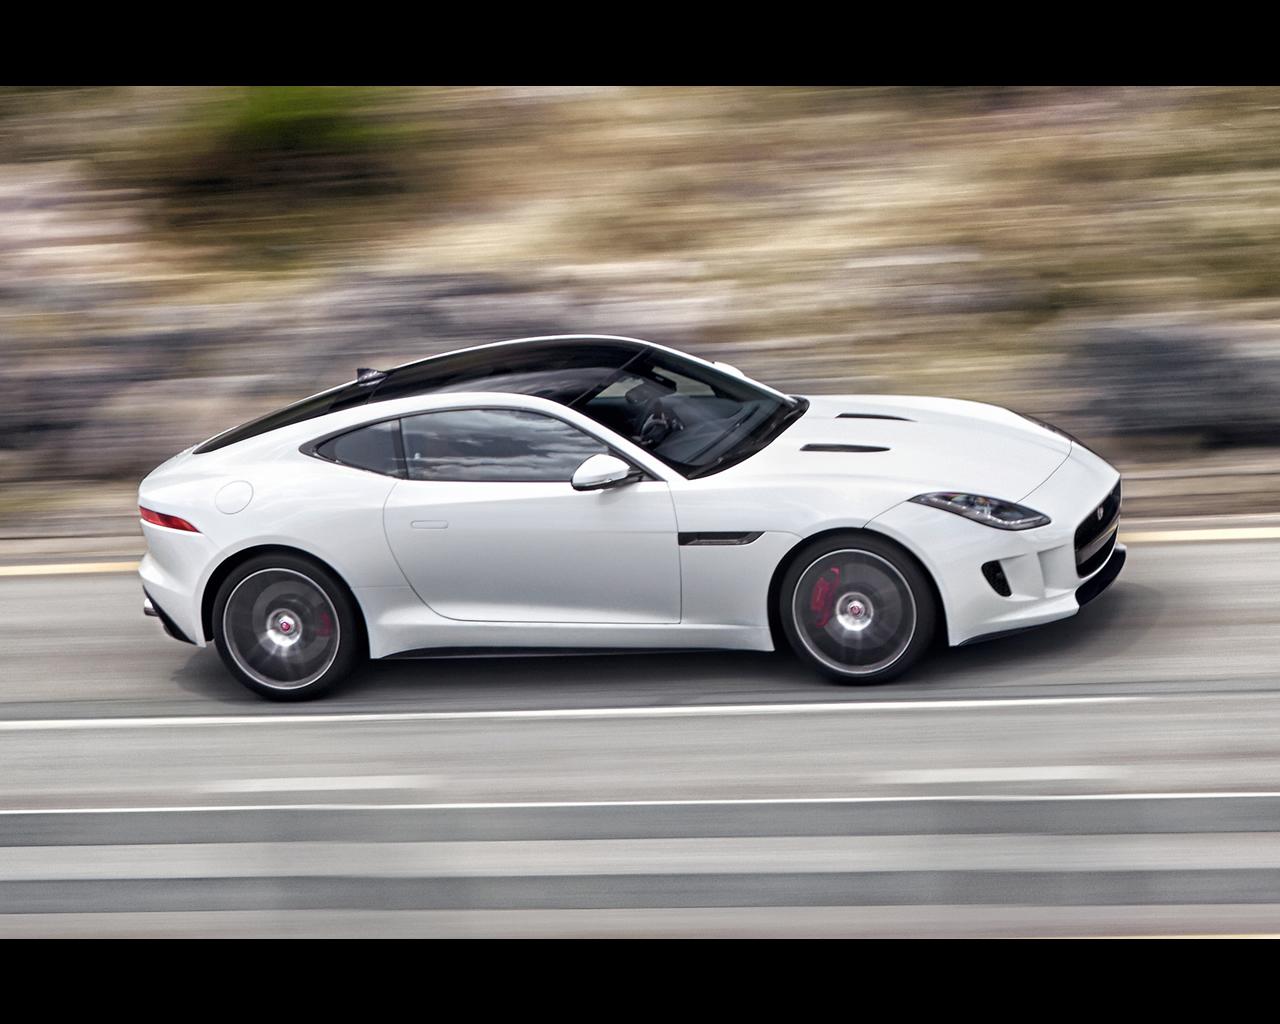 Jaguar f type coup 2014